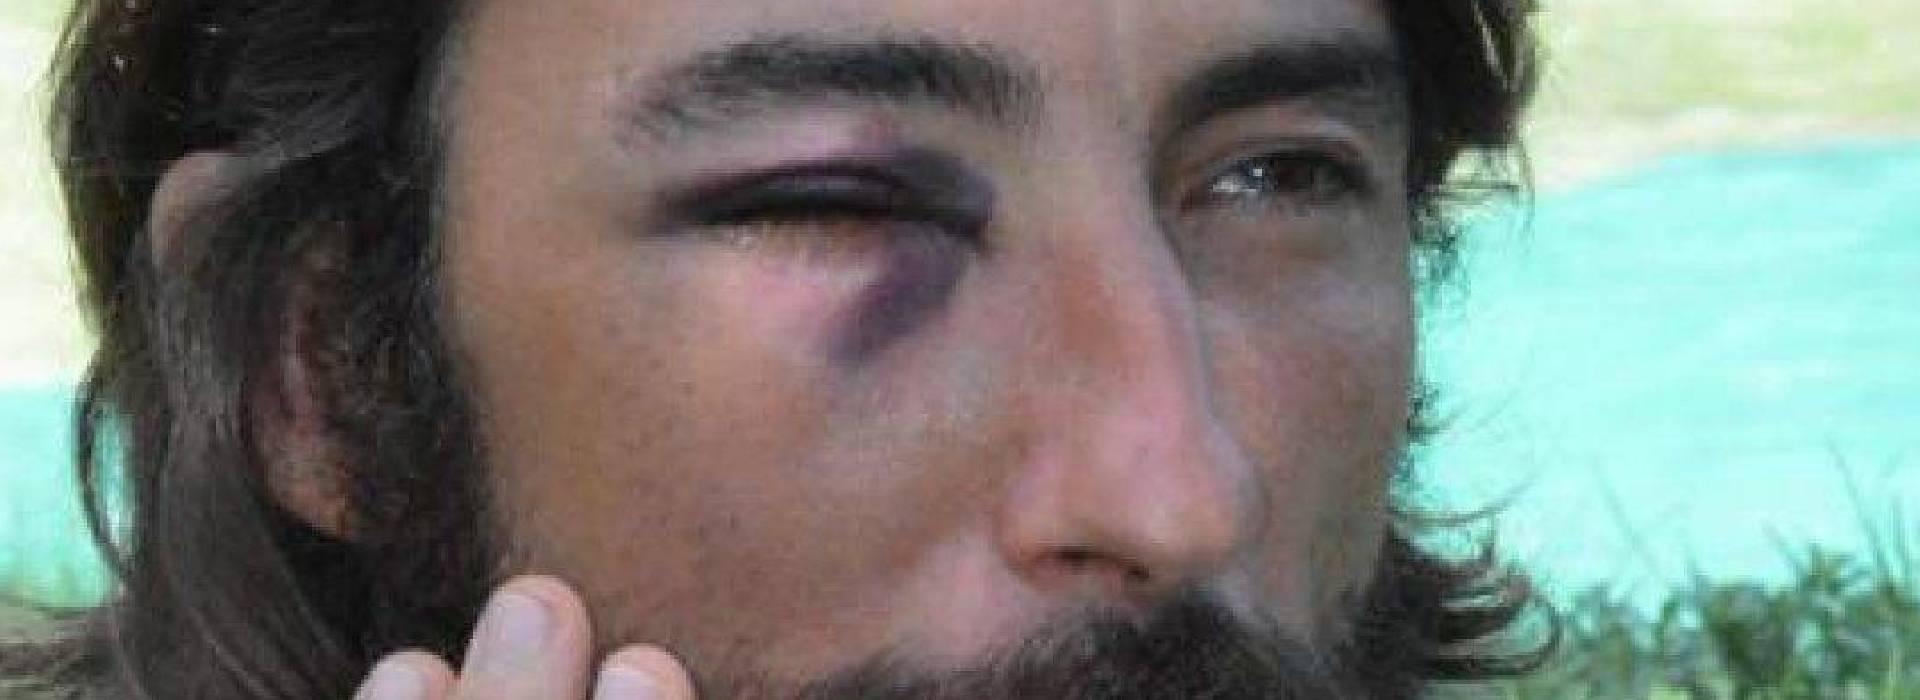 """Ex poliziotta critica Brumotti e Striscia risponde: """"vada lei nelle piazze di spaccio"""". La replica: """"ho perso un occhio in servizio"""""""